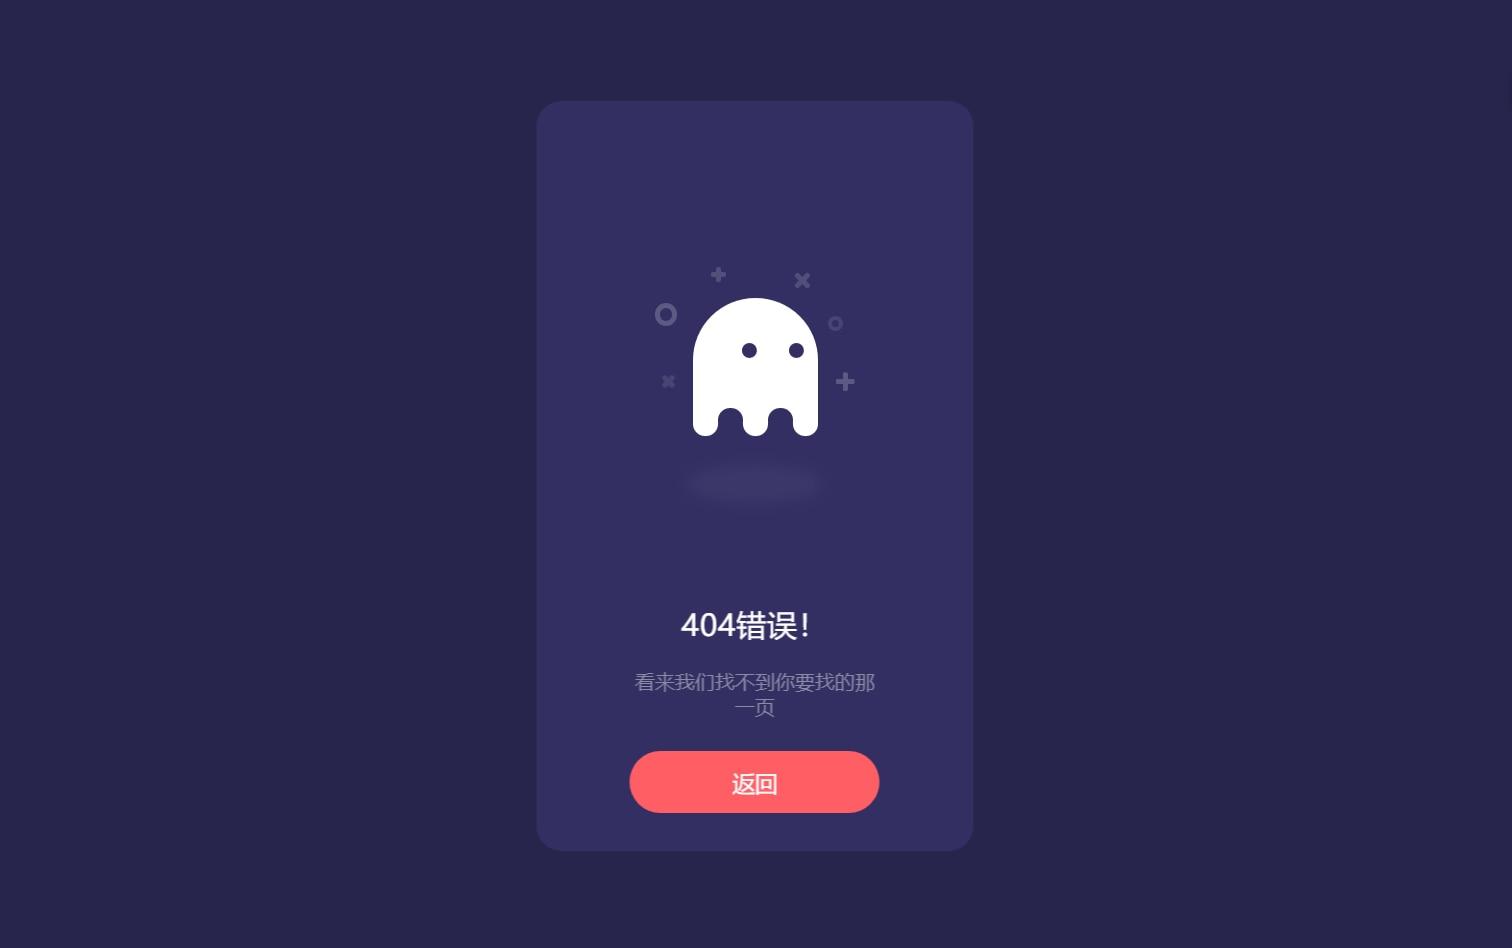 幽灵404 页面源码 跟随鼠标动画_网站源码图片1